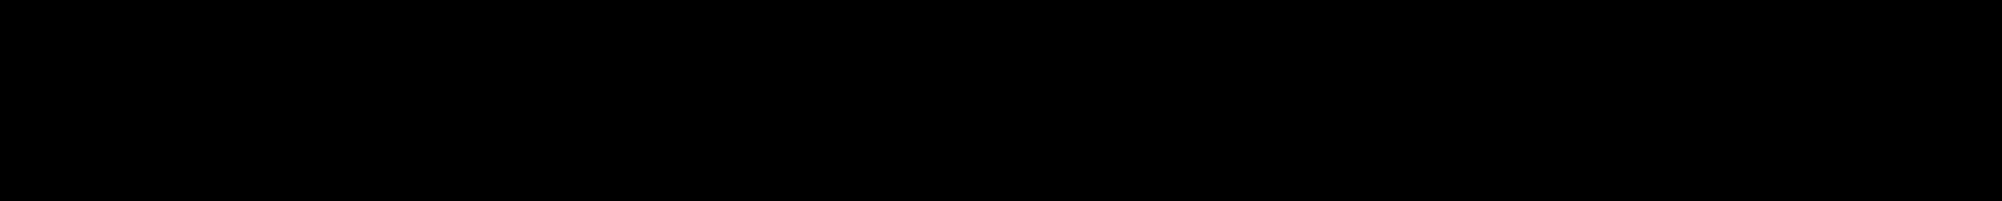 Solomon Black Deco